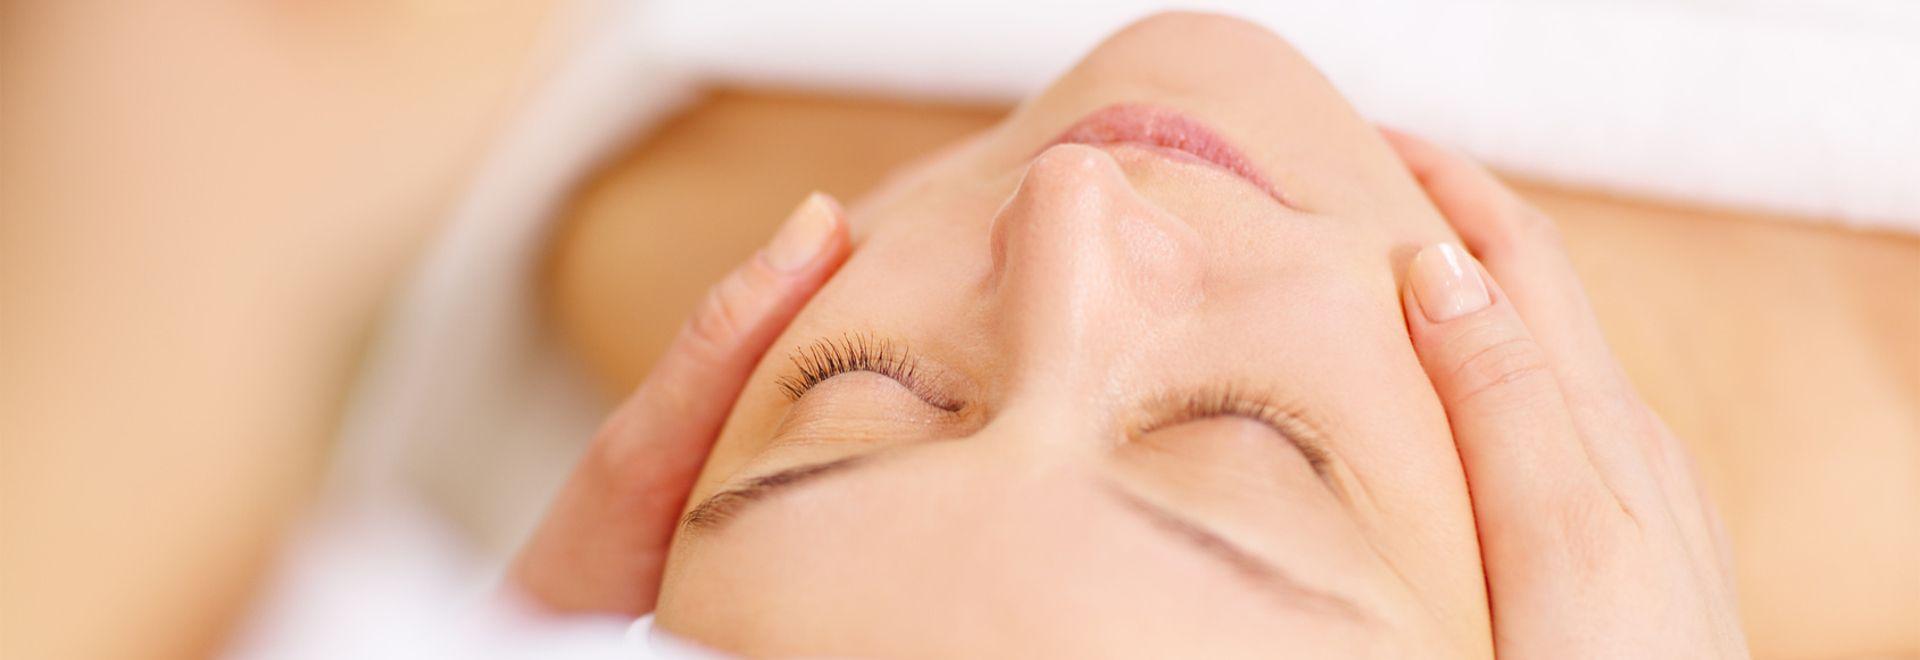 Lymphdrainage bezeichnet die manuelle Entwässerung über die Lymphgefäße.